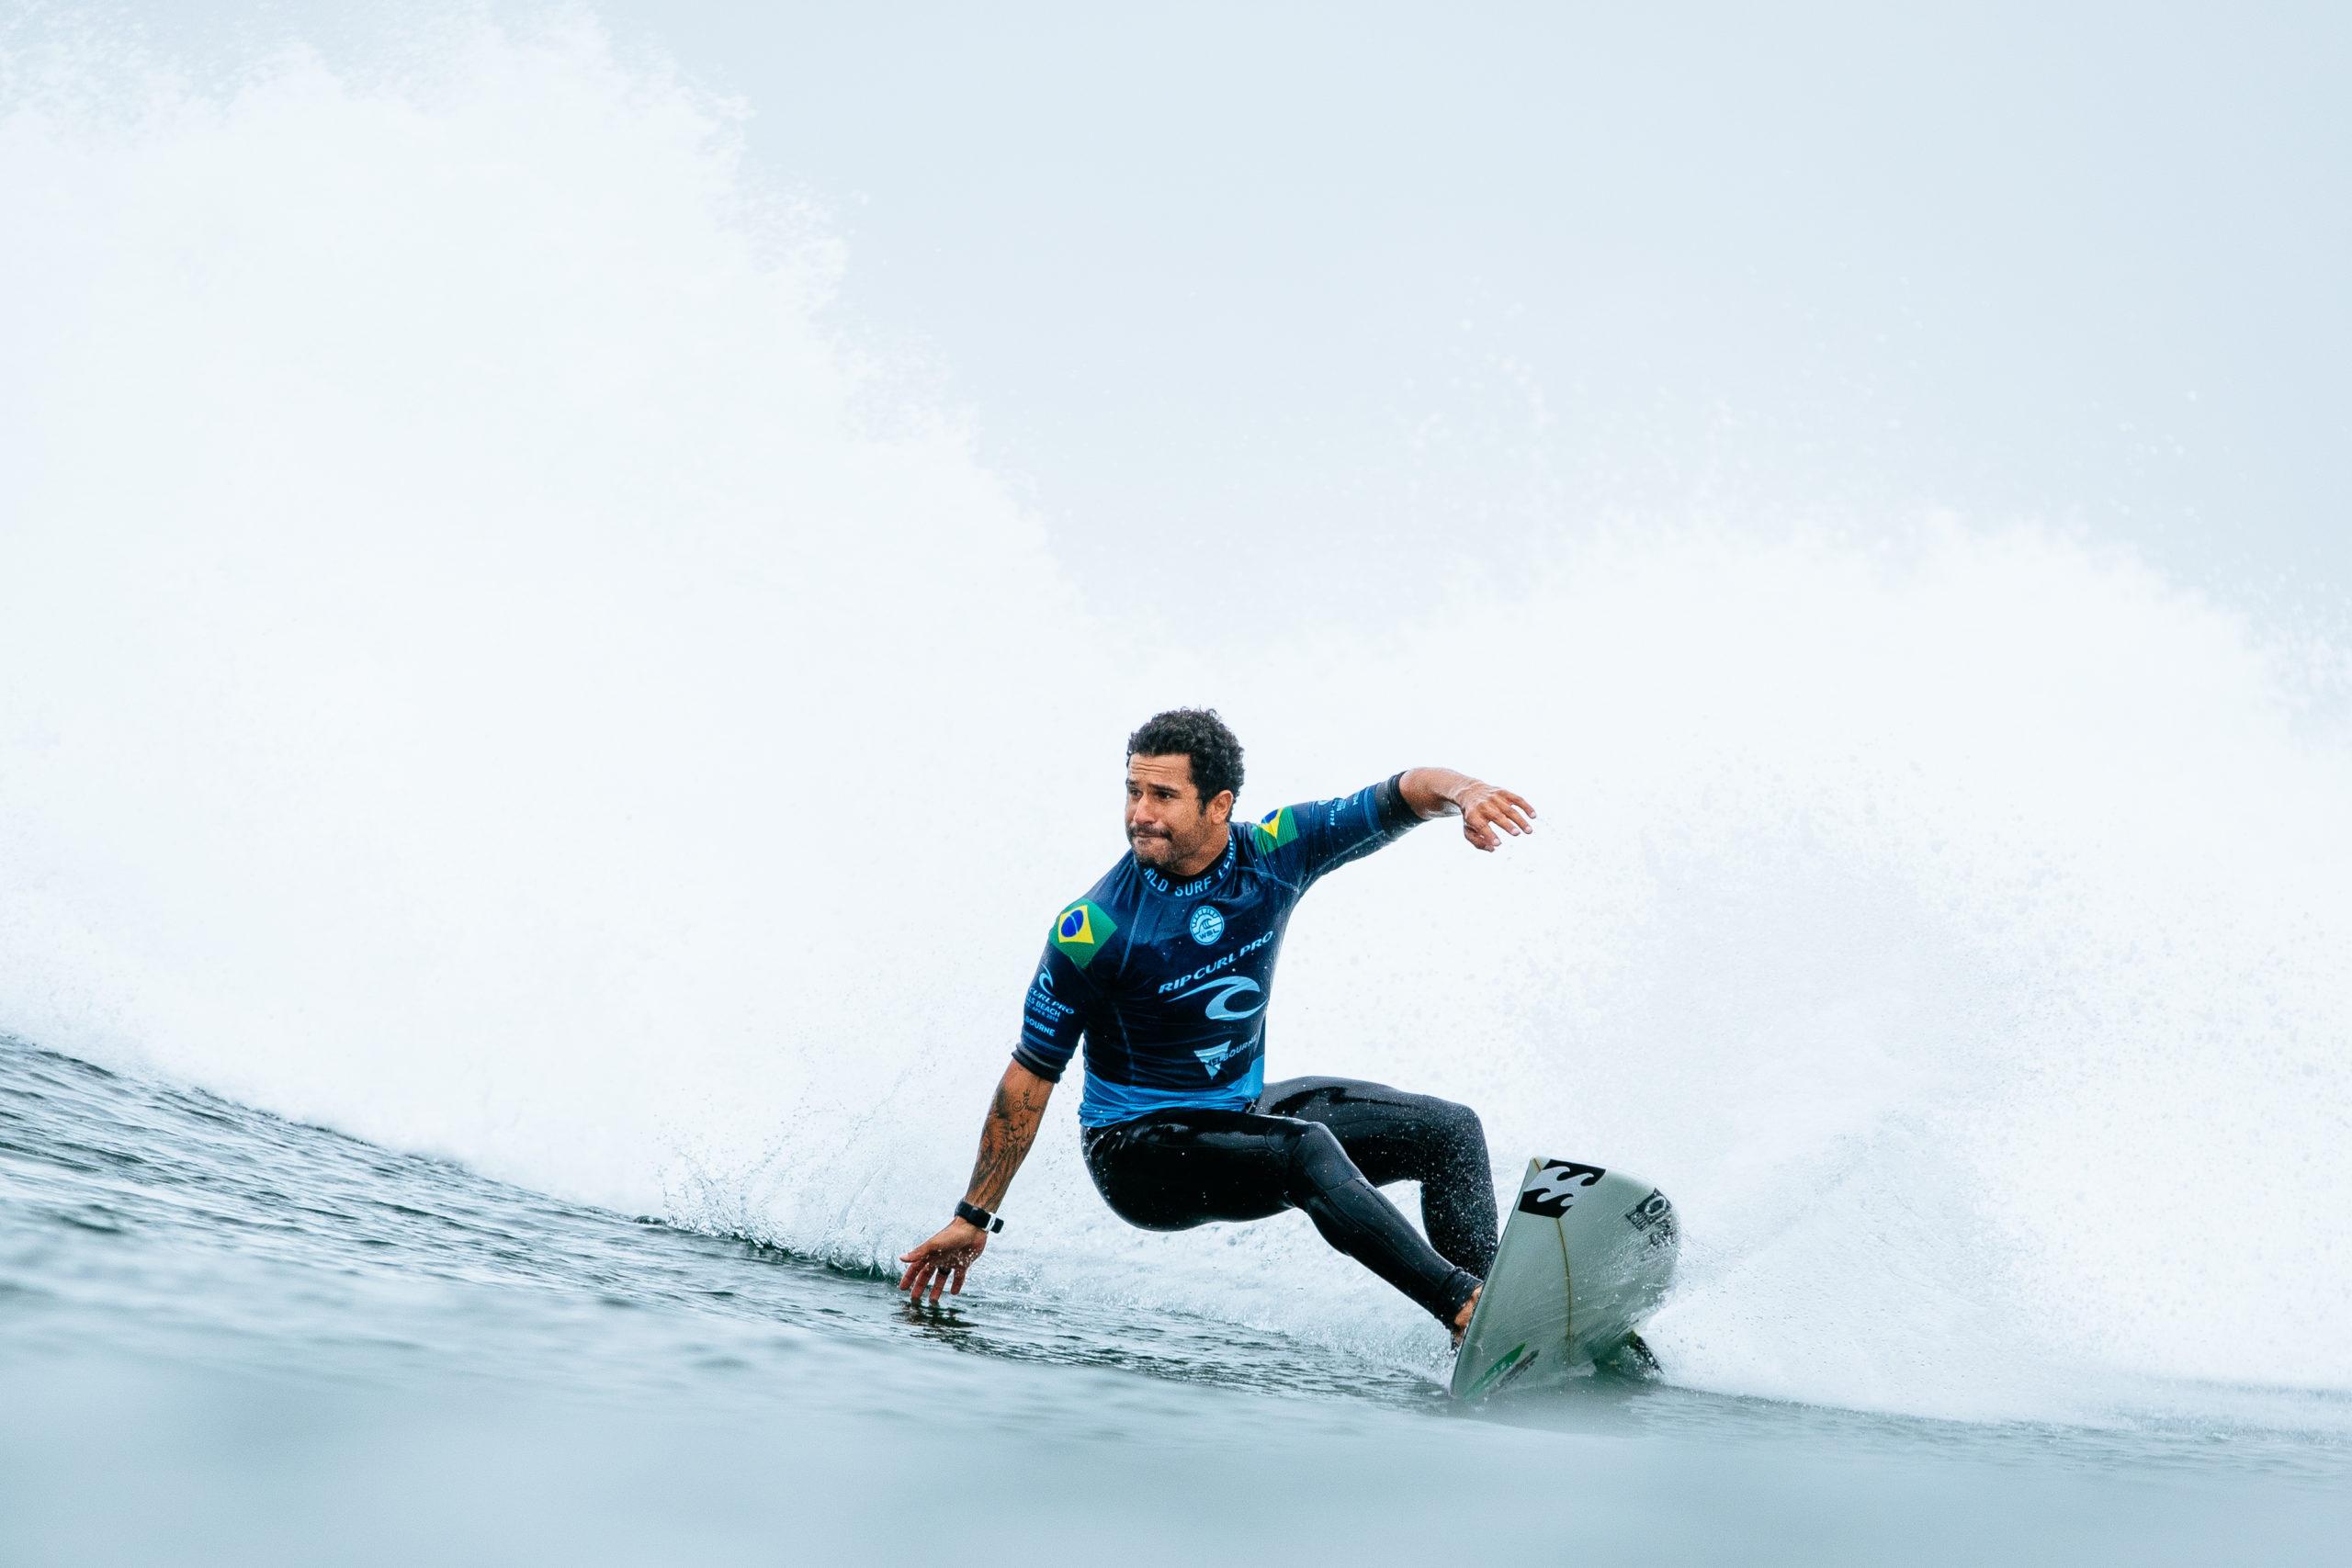 Mundial de surfe: 17 brasileiros disputam título da etapa de Saquarema